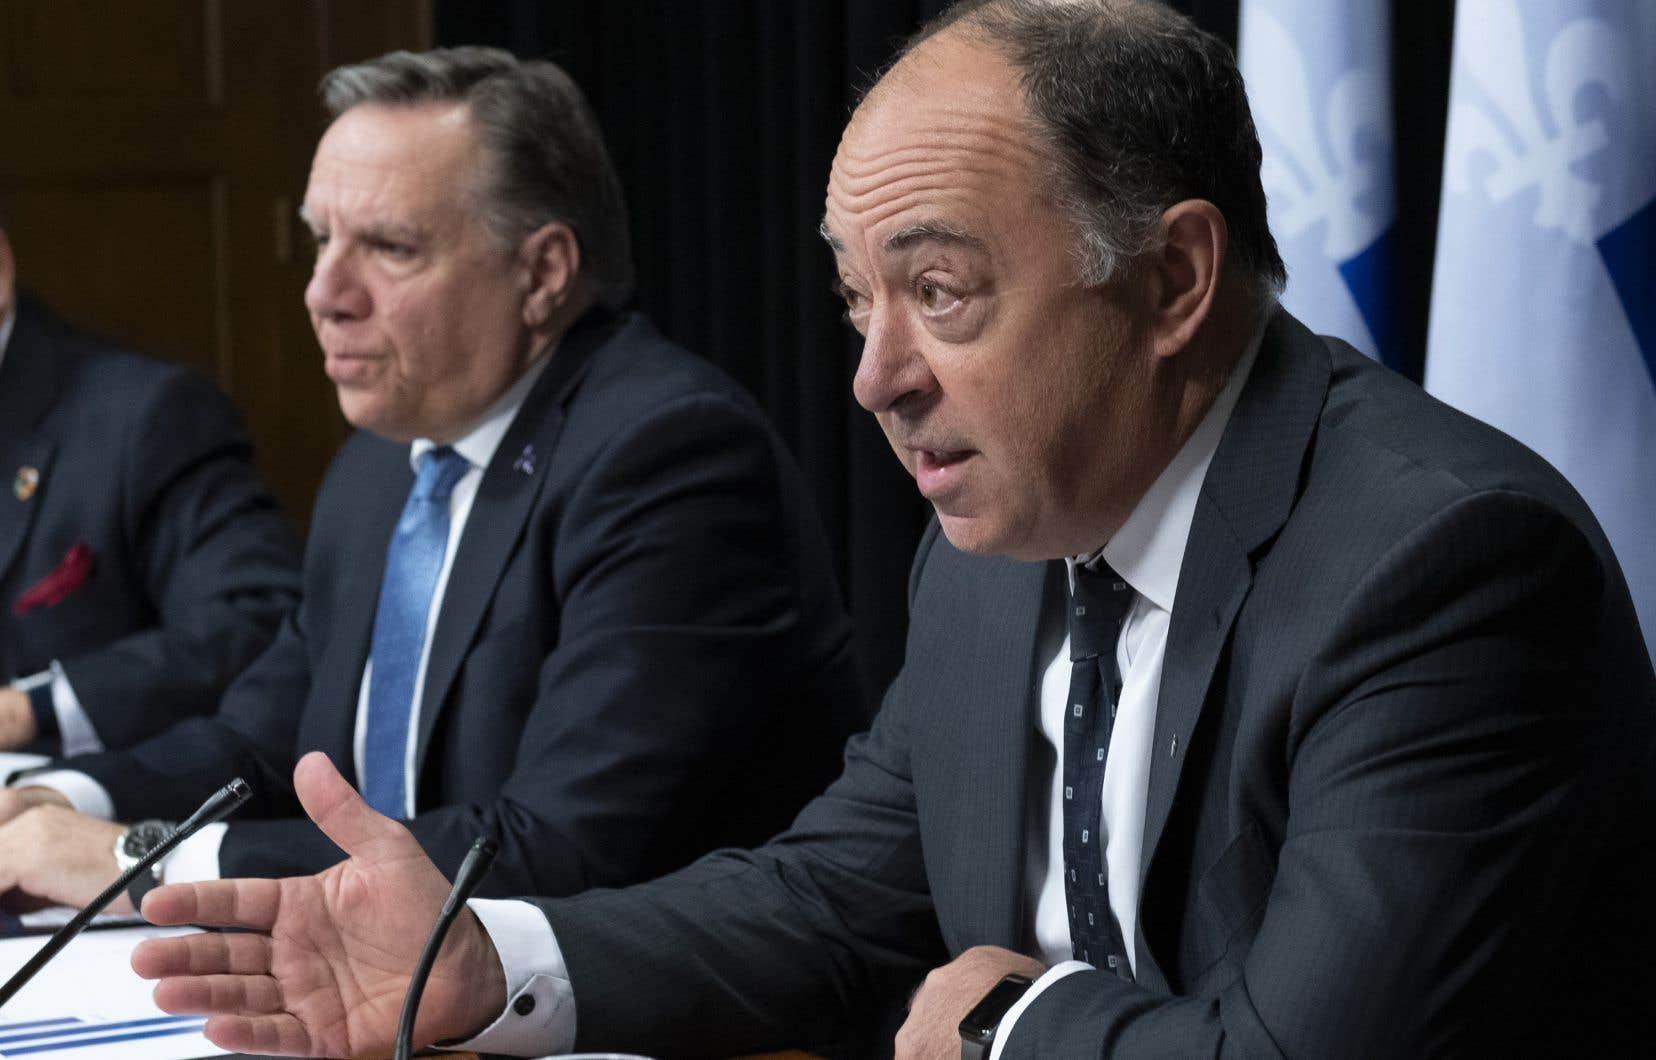 Le premier ministre du Québec, François Legault (à gauche sur la photo) et le président du Conseil du trésor, Christian Dubé